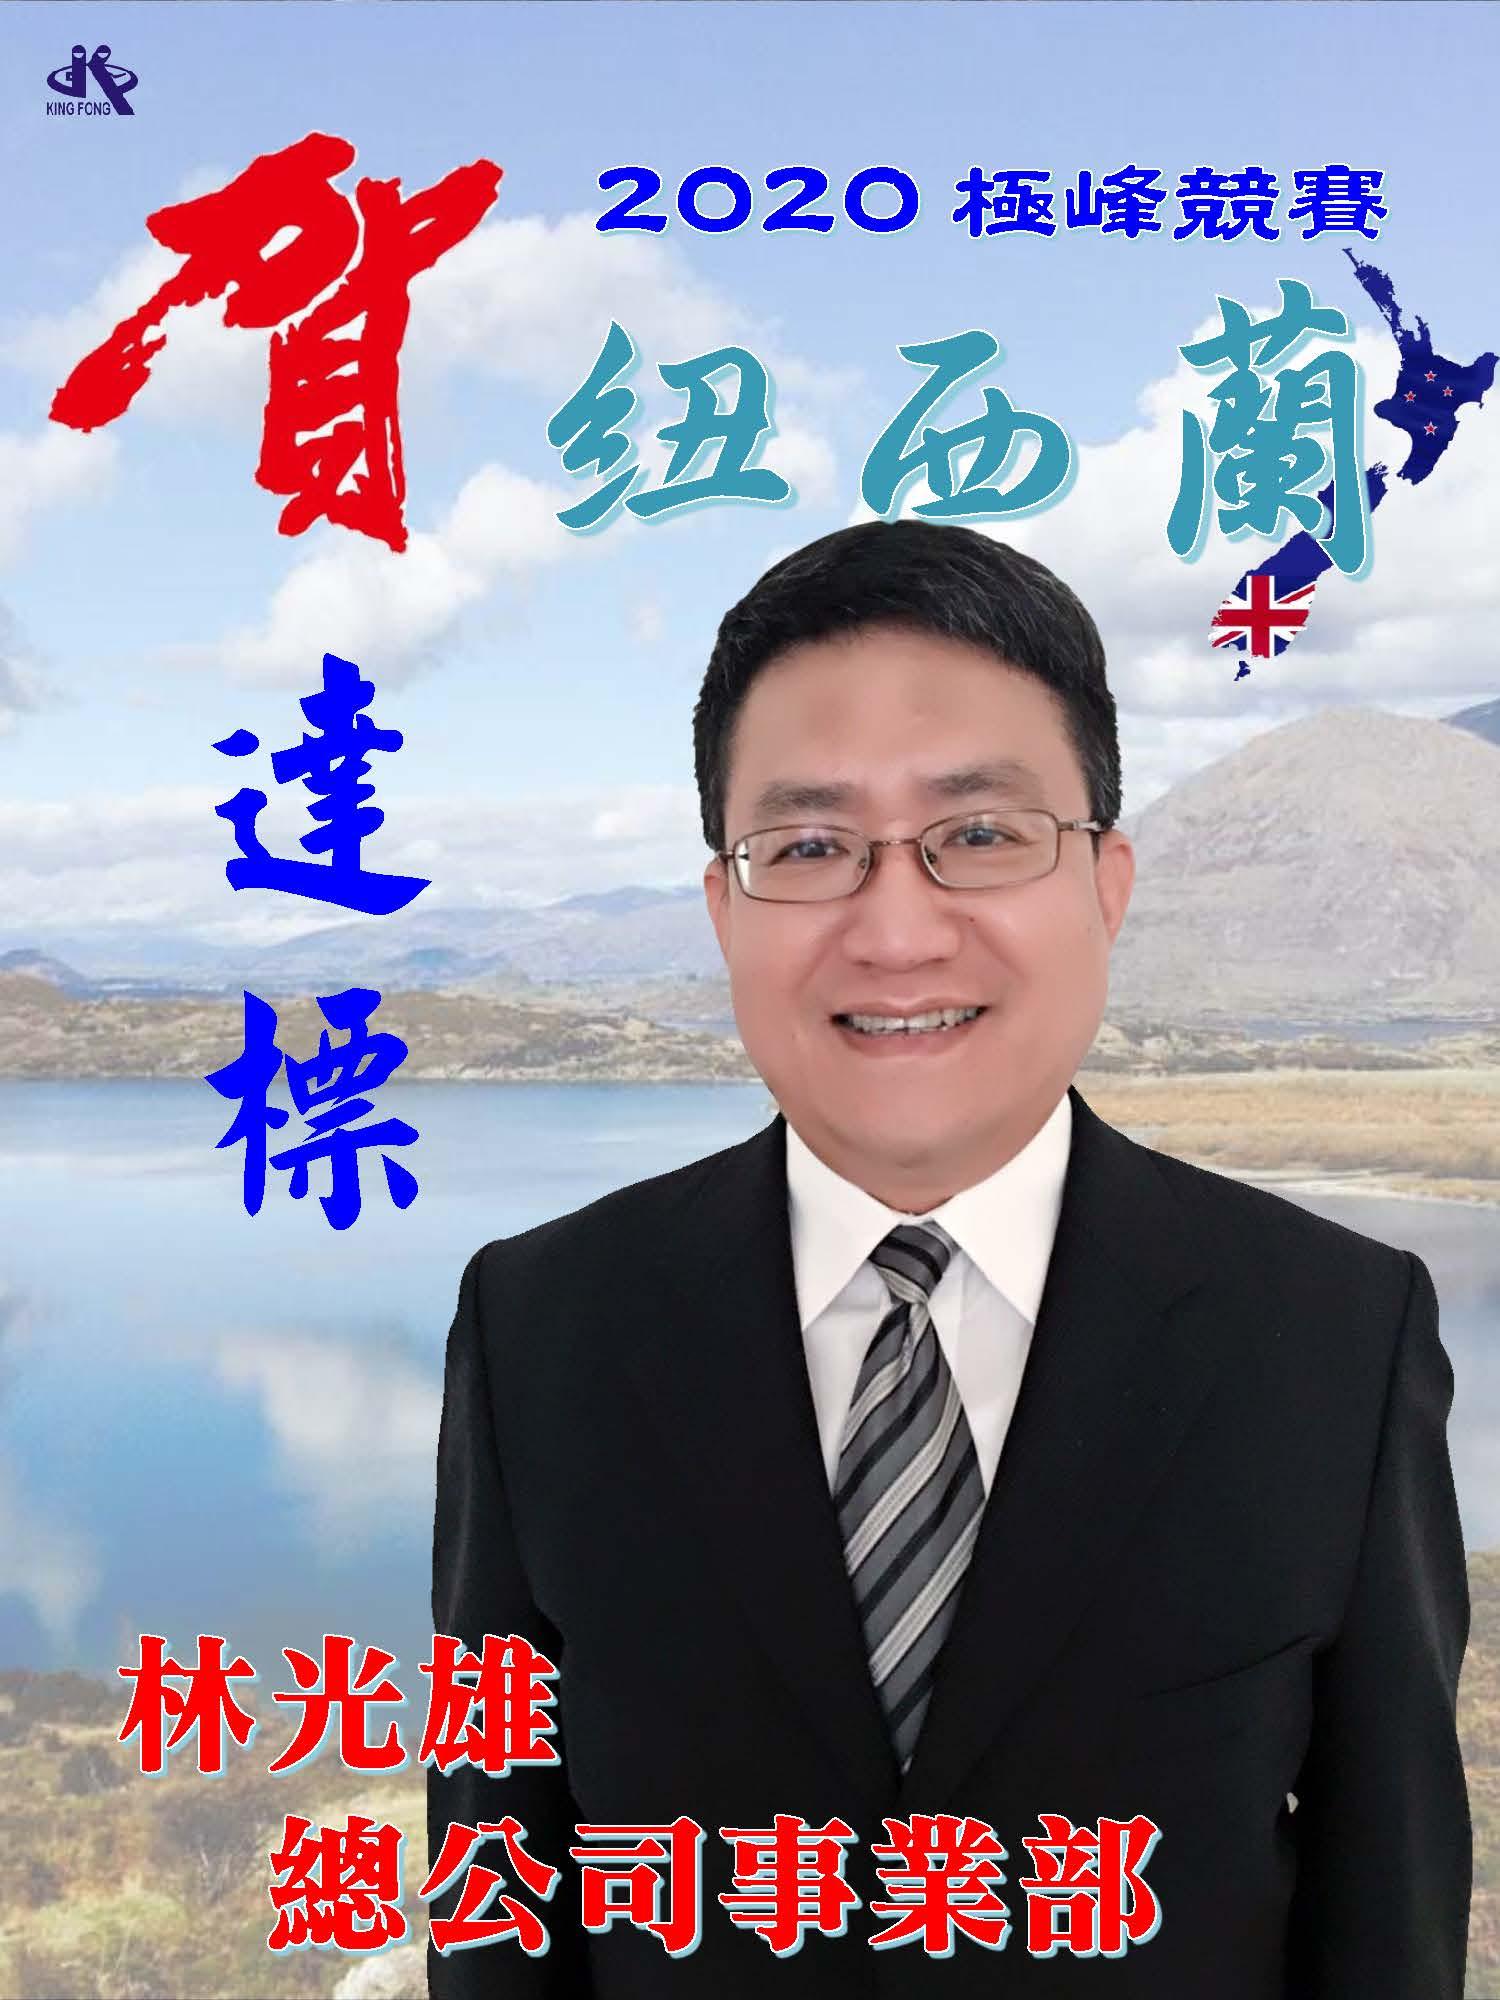 20200707-2020年極峰競賽紐西蘭英雄榜-林光雄